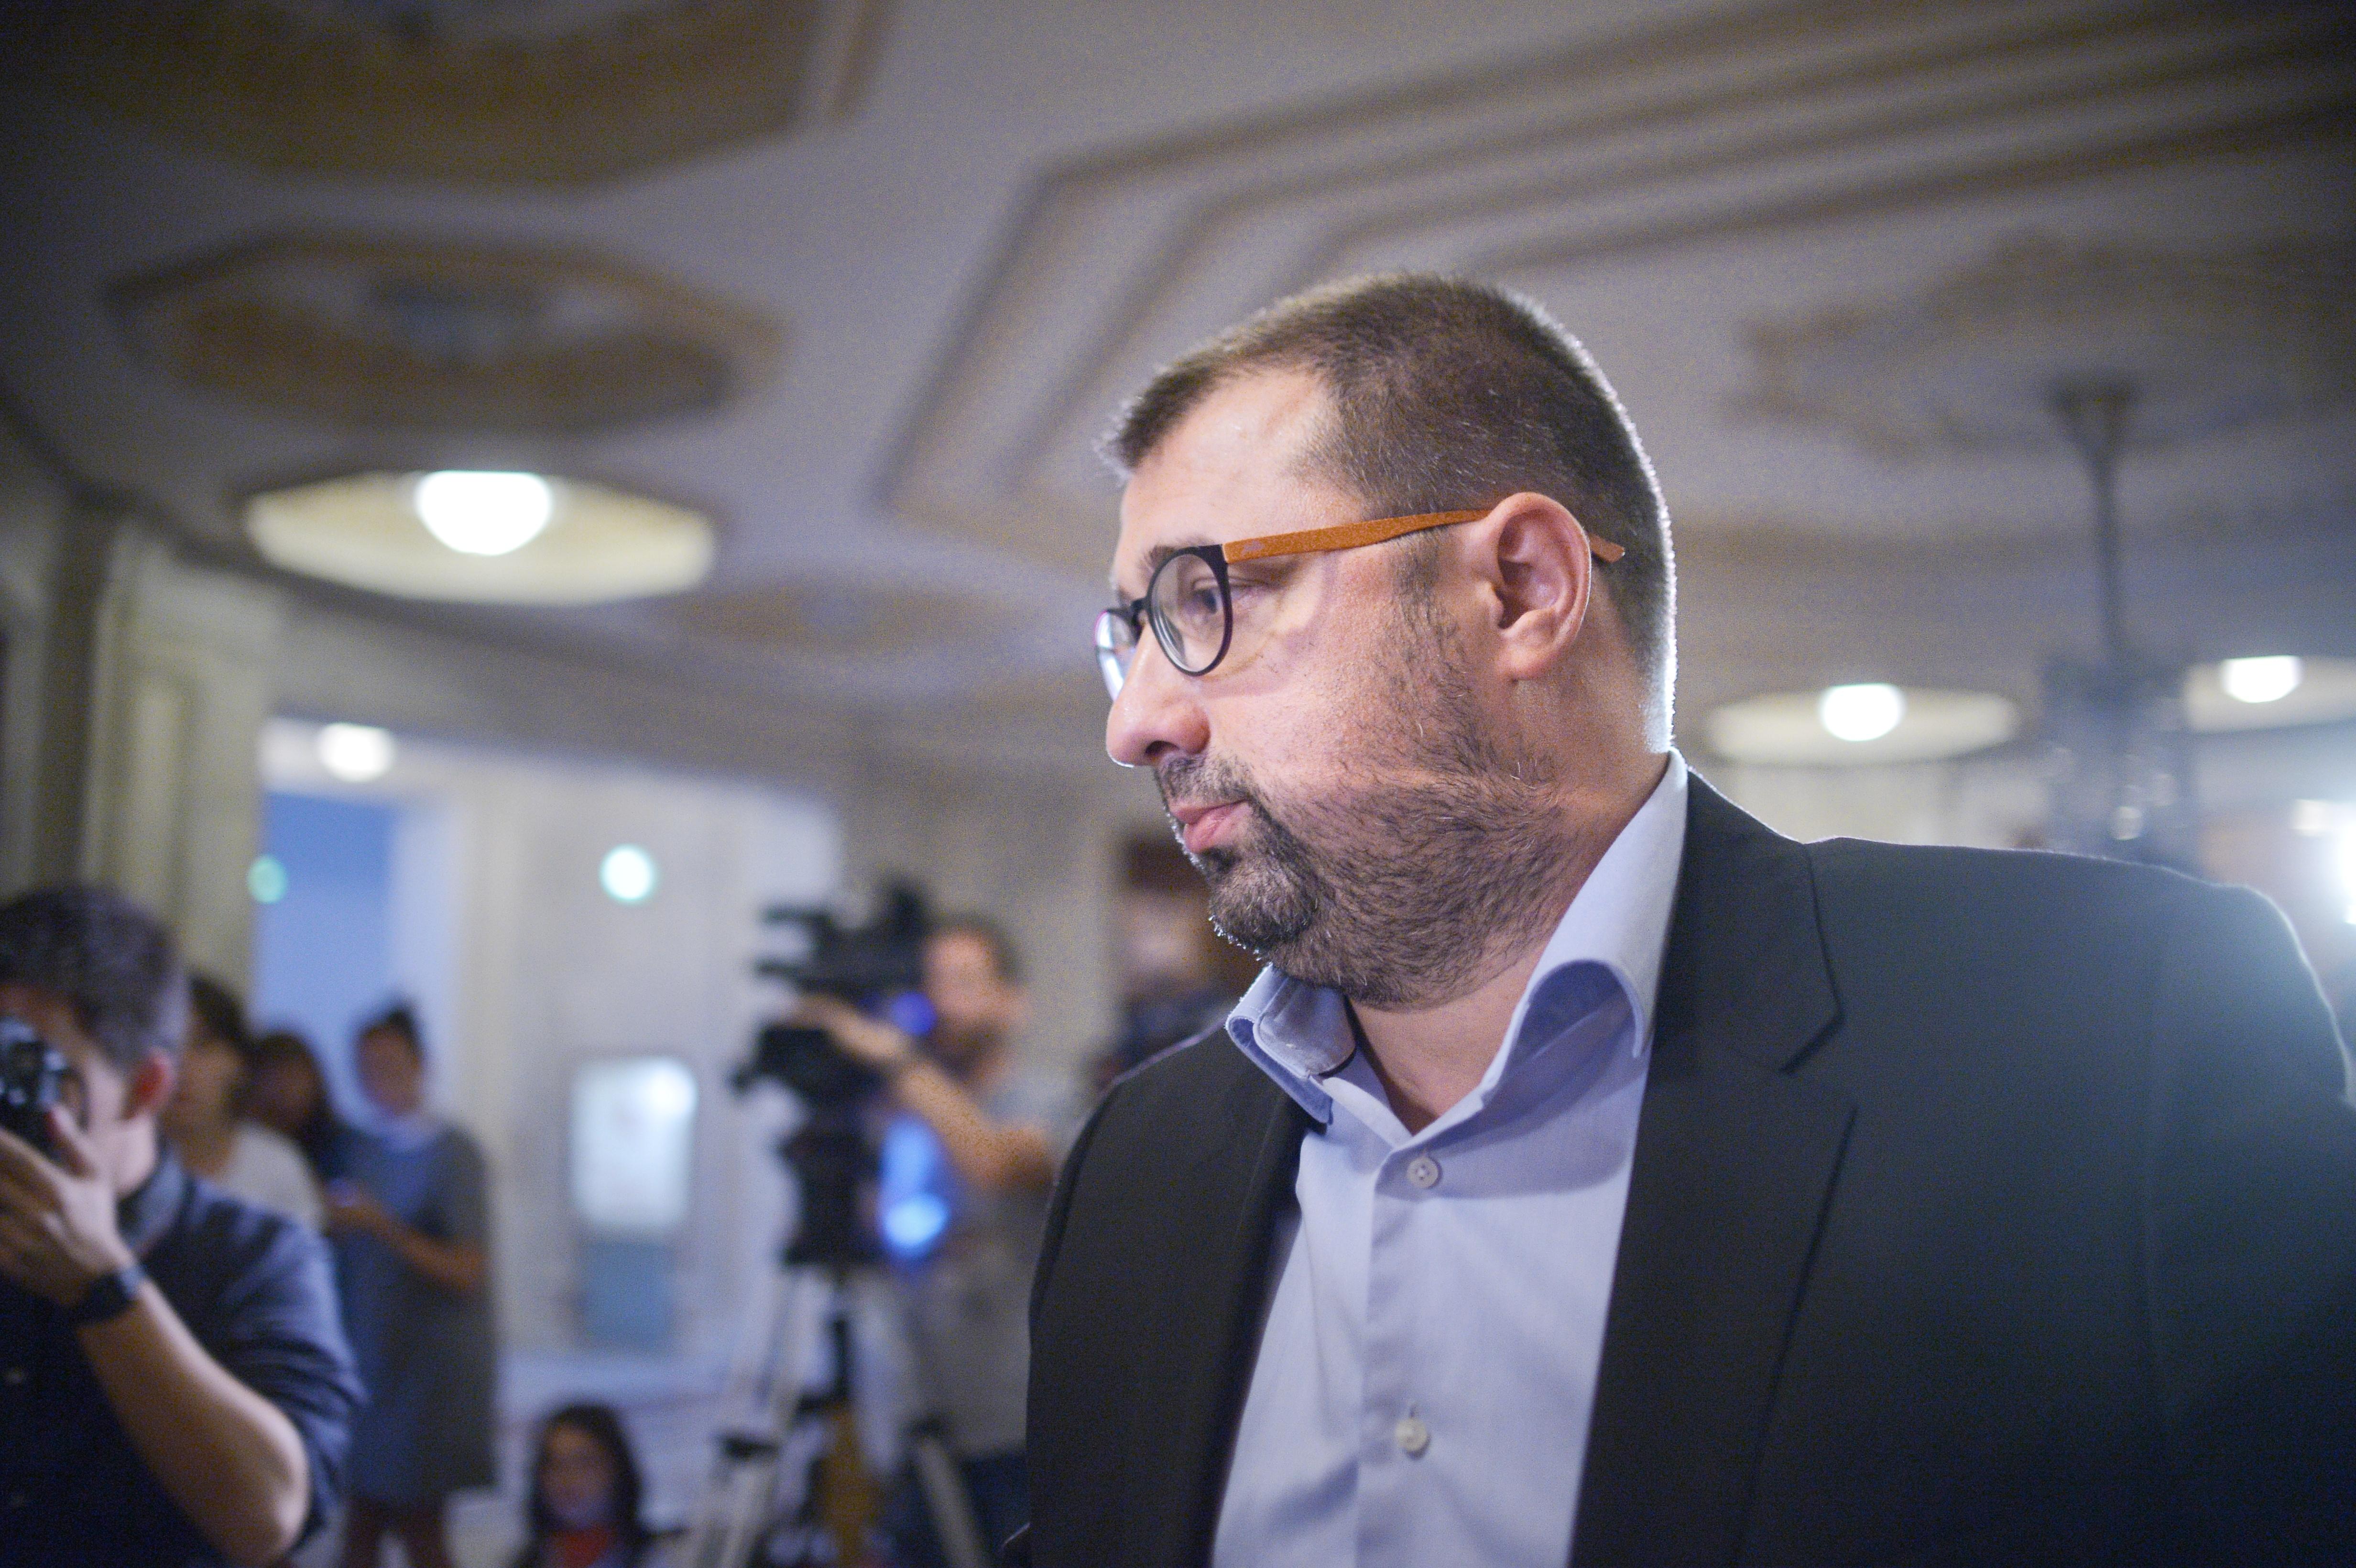 Fostul ofiţer SRI Dumitru Dragomir aduce noi acuzaţii: Avem un parlamentar care îi serveşte ceaiul lui Dumbravă/ Directorul SRI nu a demonstrat că reuşeşte să reformeze instituţia